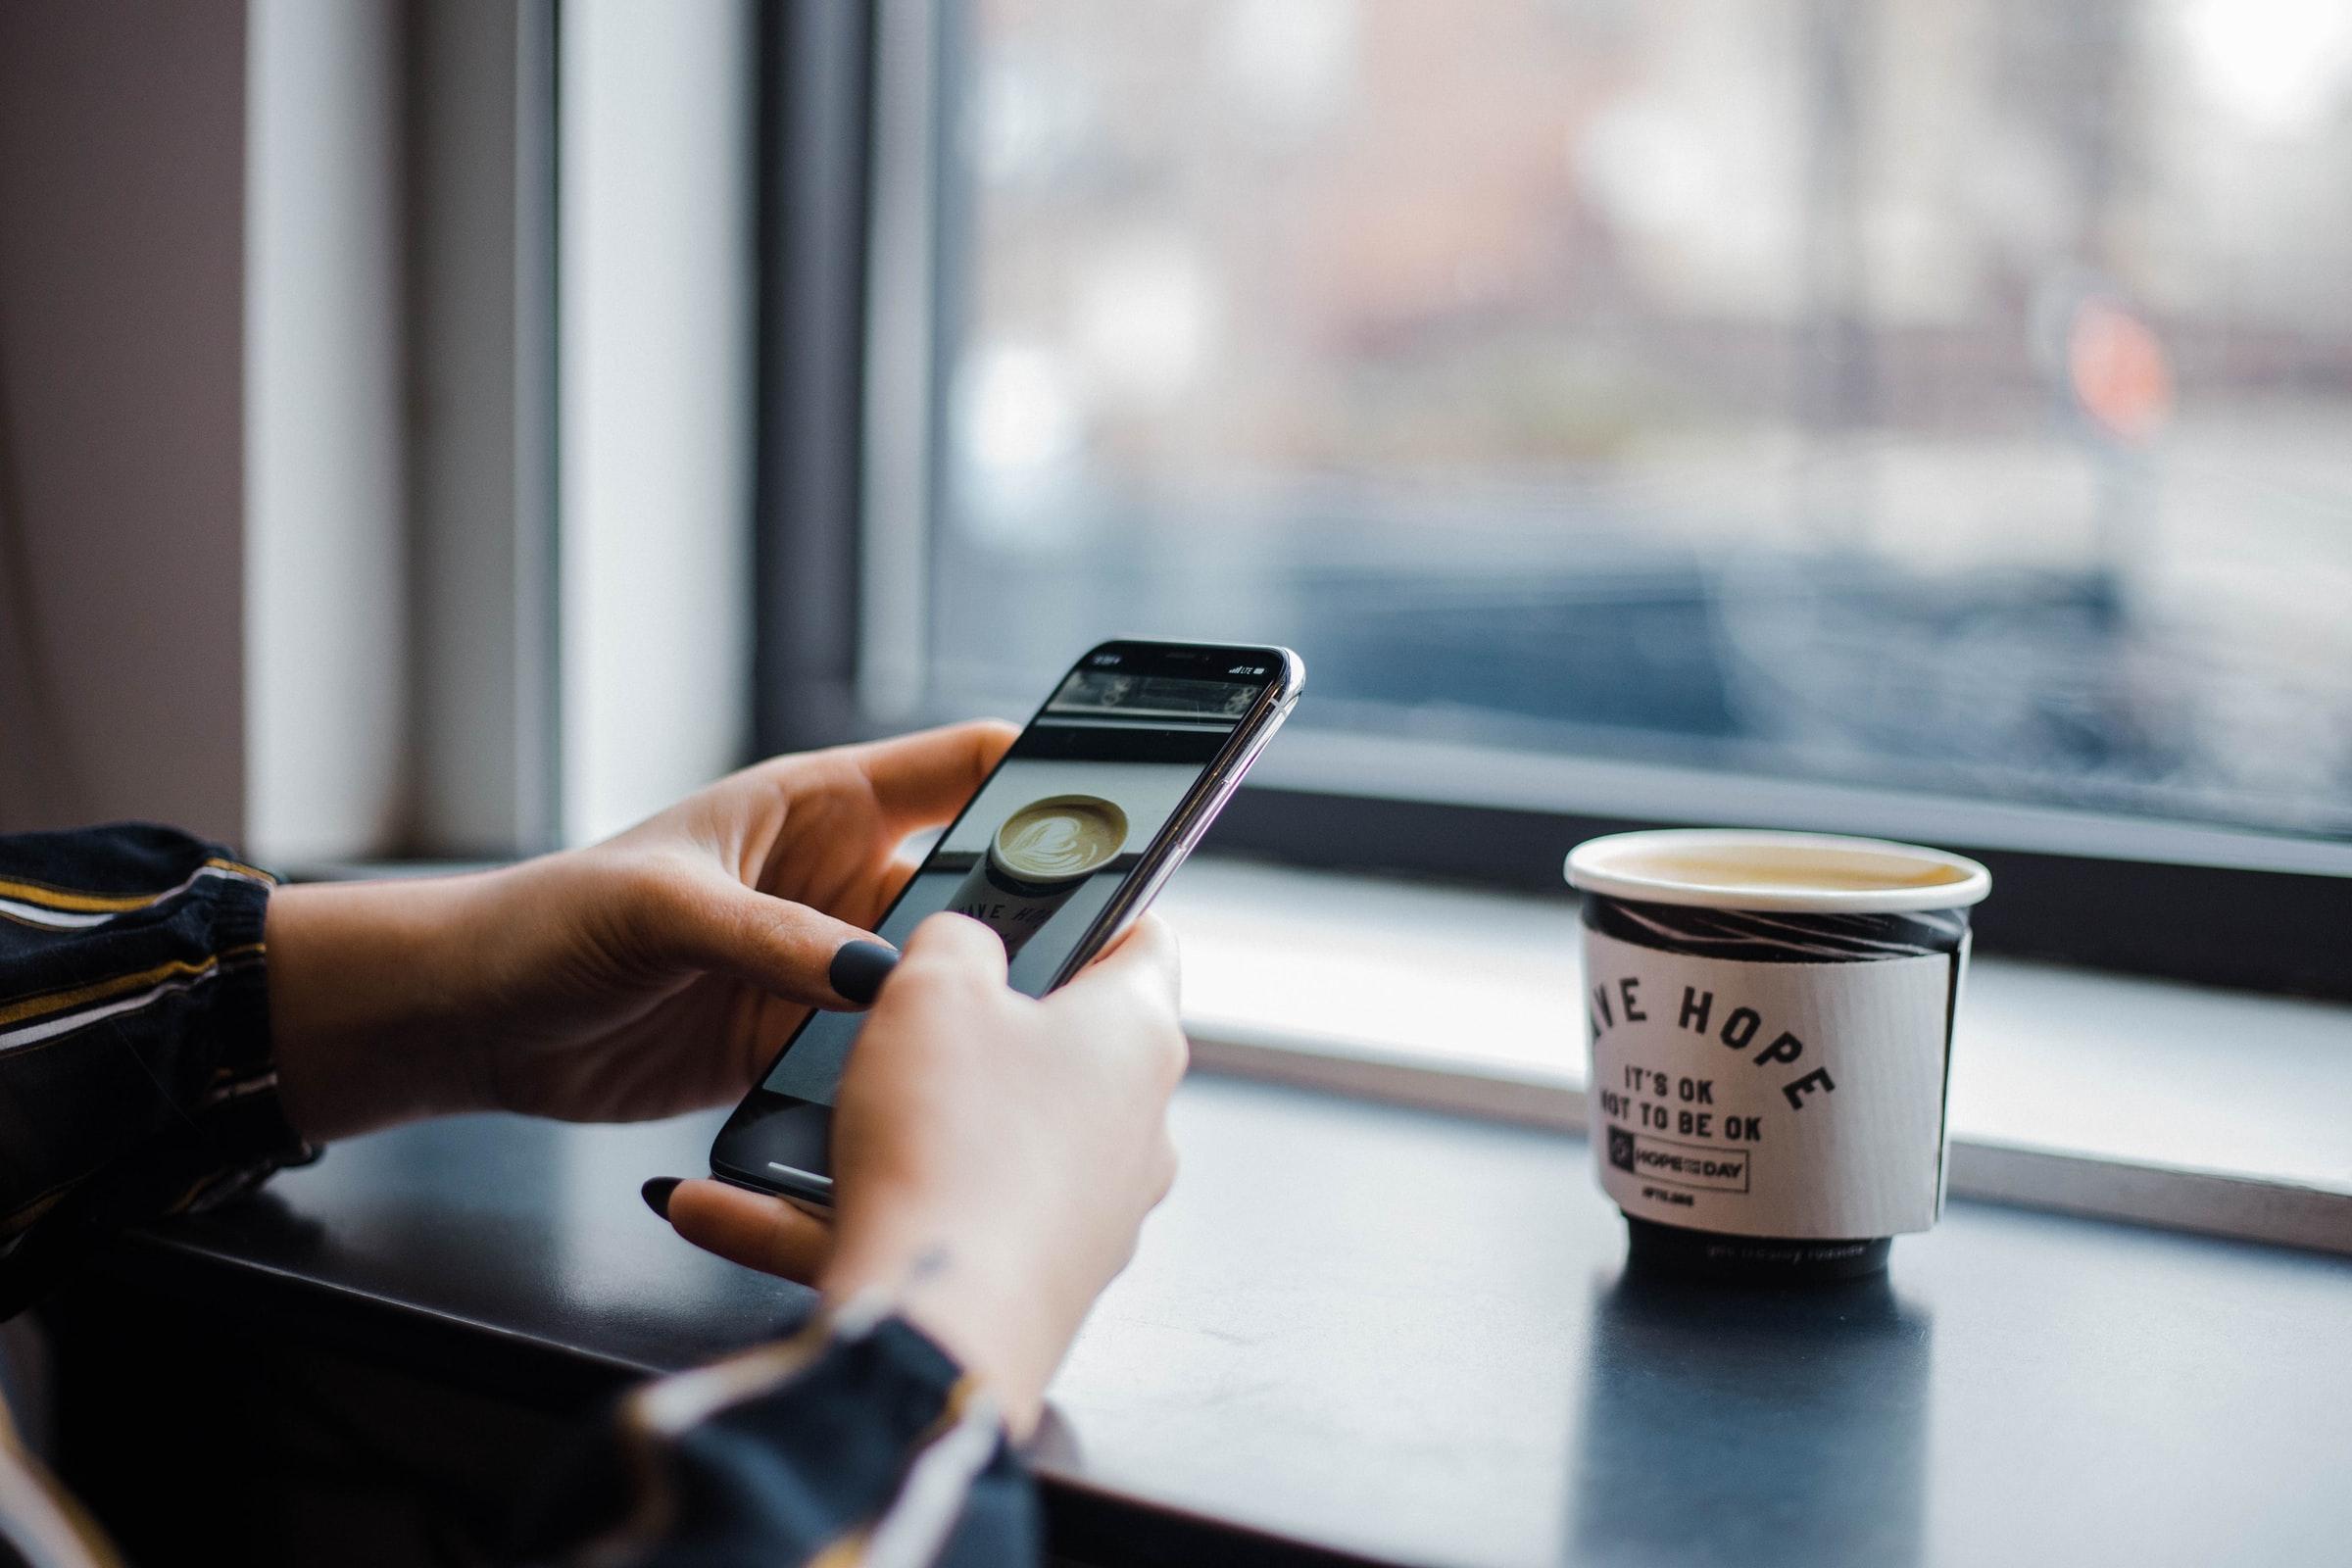 A phone near a coffee cup